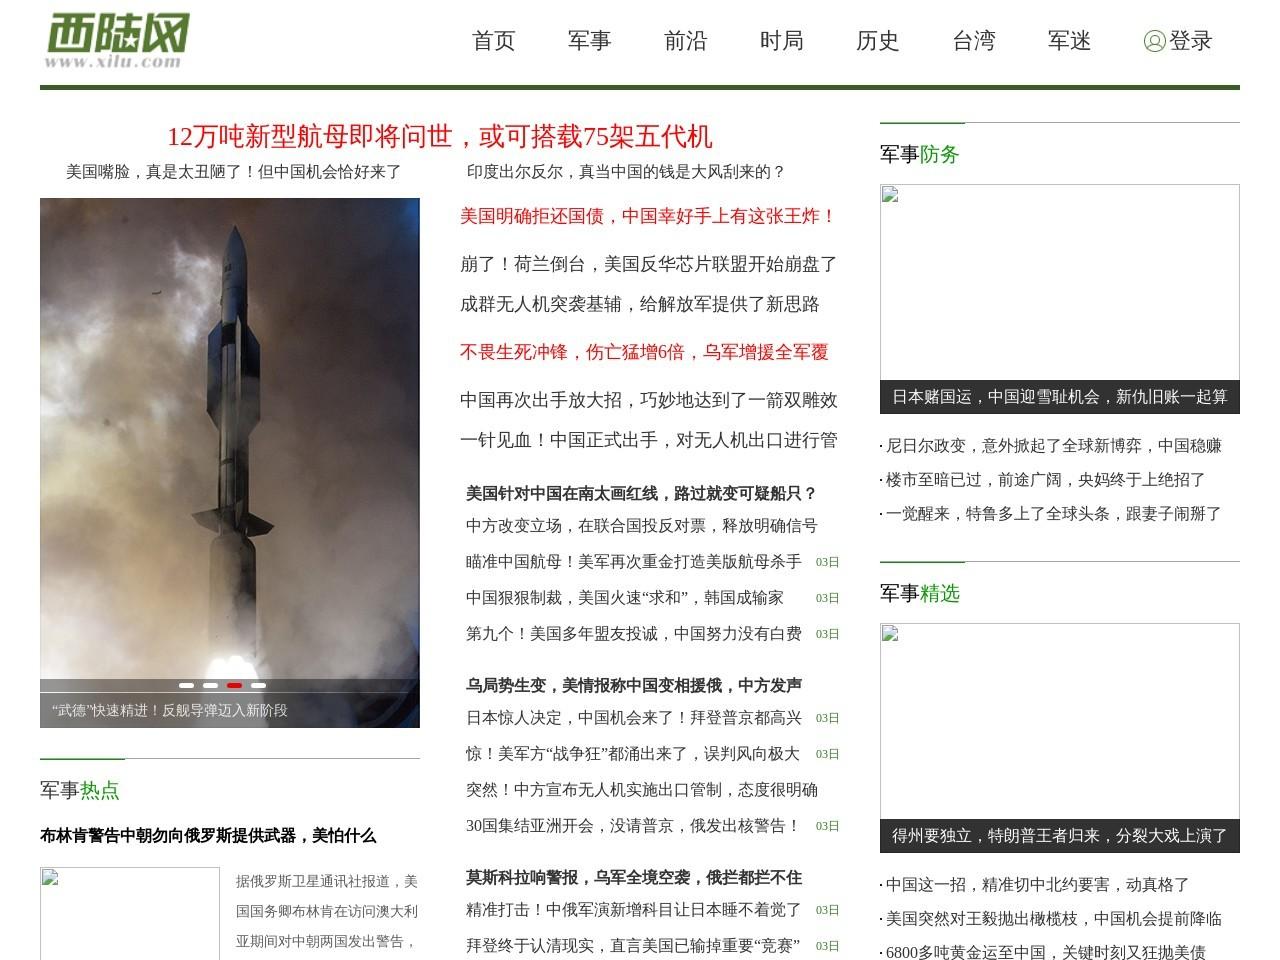 西陆网_国际军事_军事新闻_军事门户网站